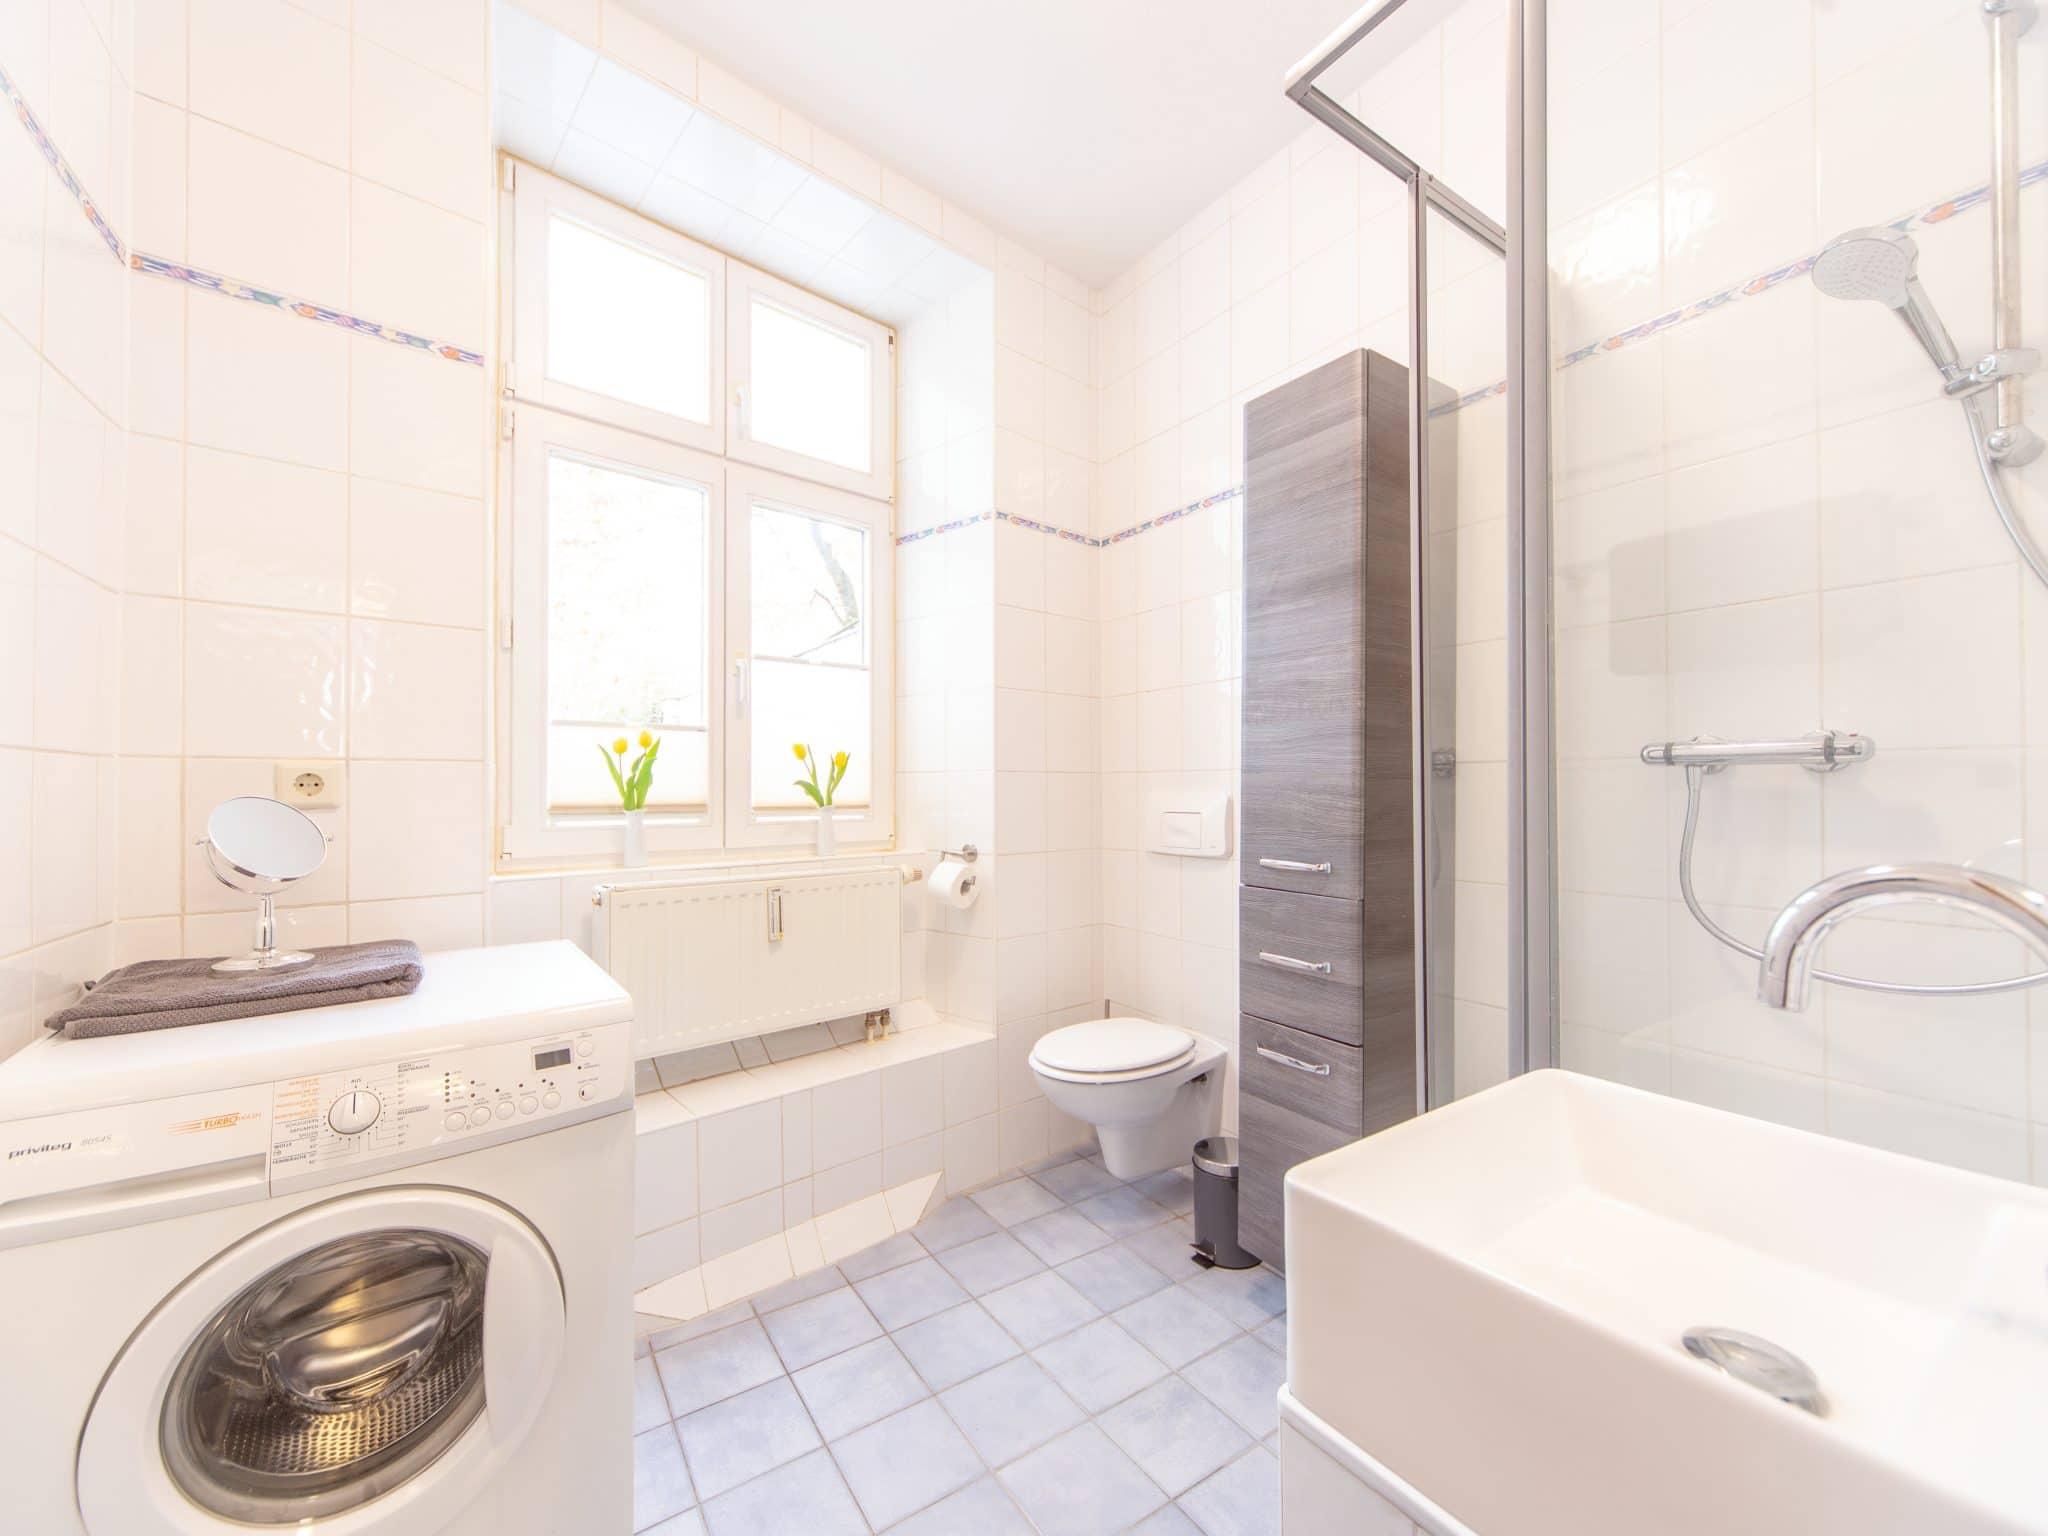 Bad mit Waschmaschine und Dusche